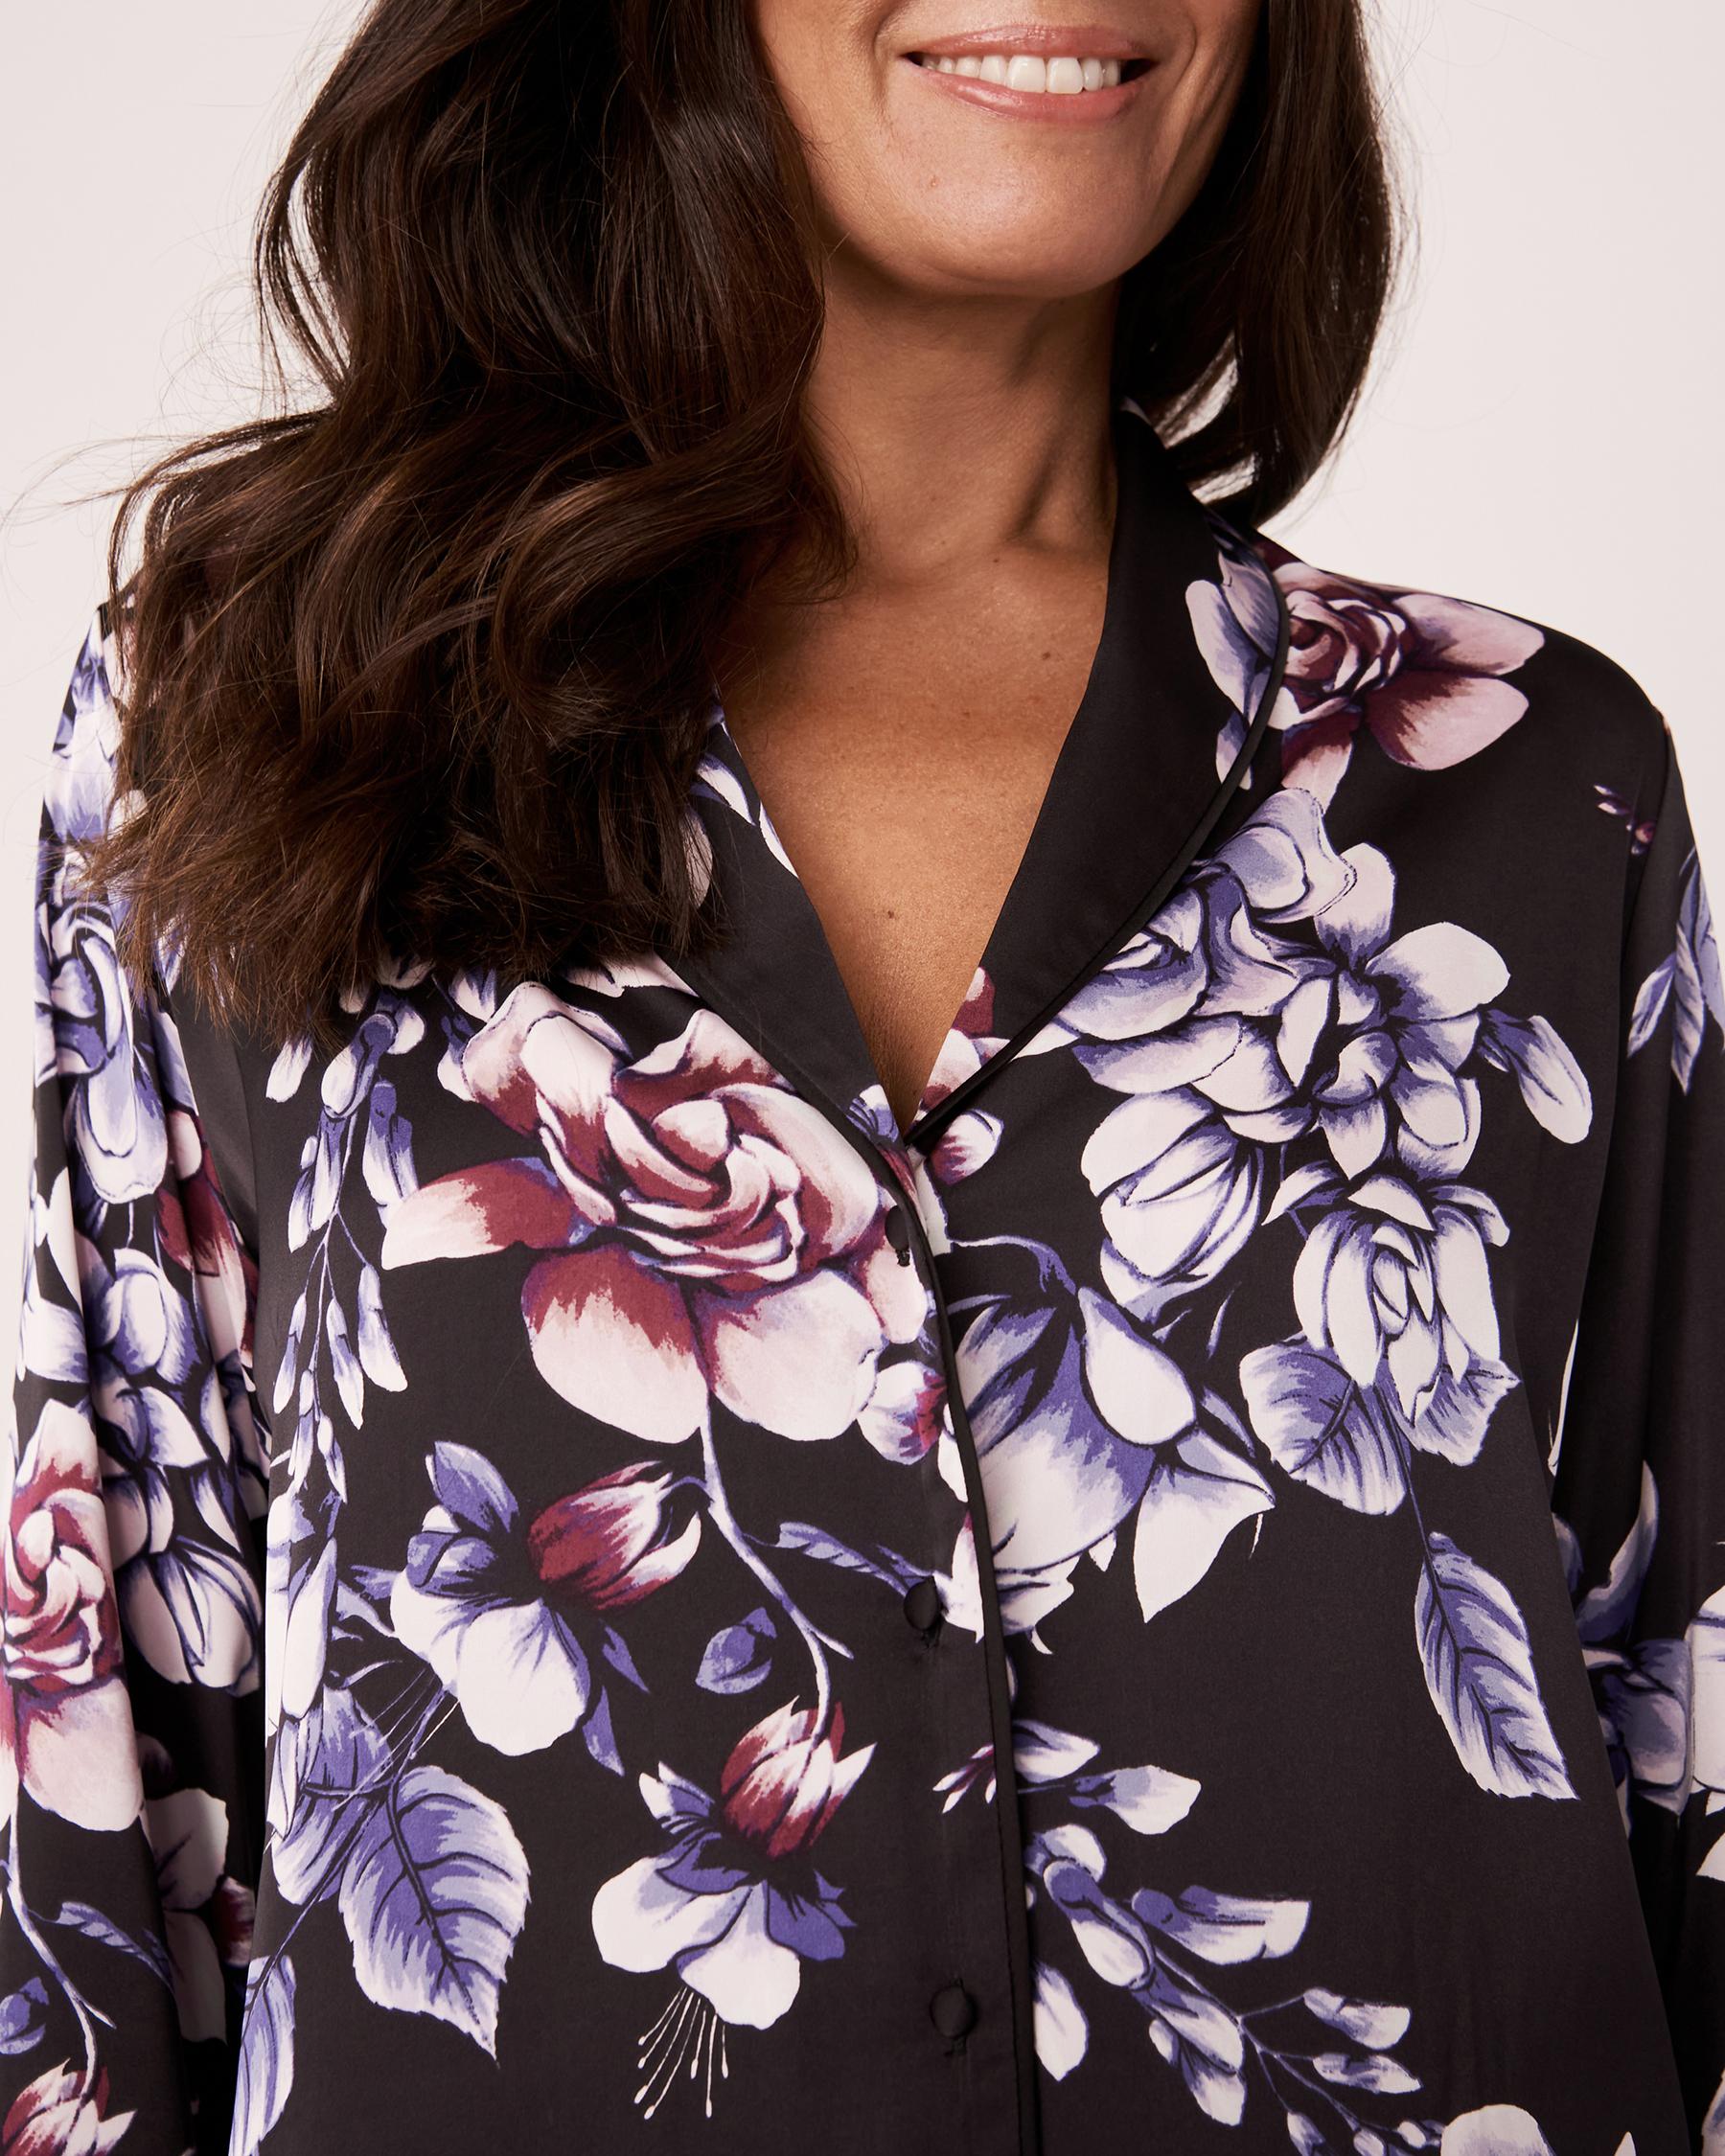 LA VIE EN ROSE Satin Long Sleeve Shirt Watercolor florals 60100003 - View3